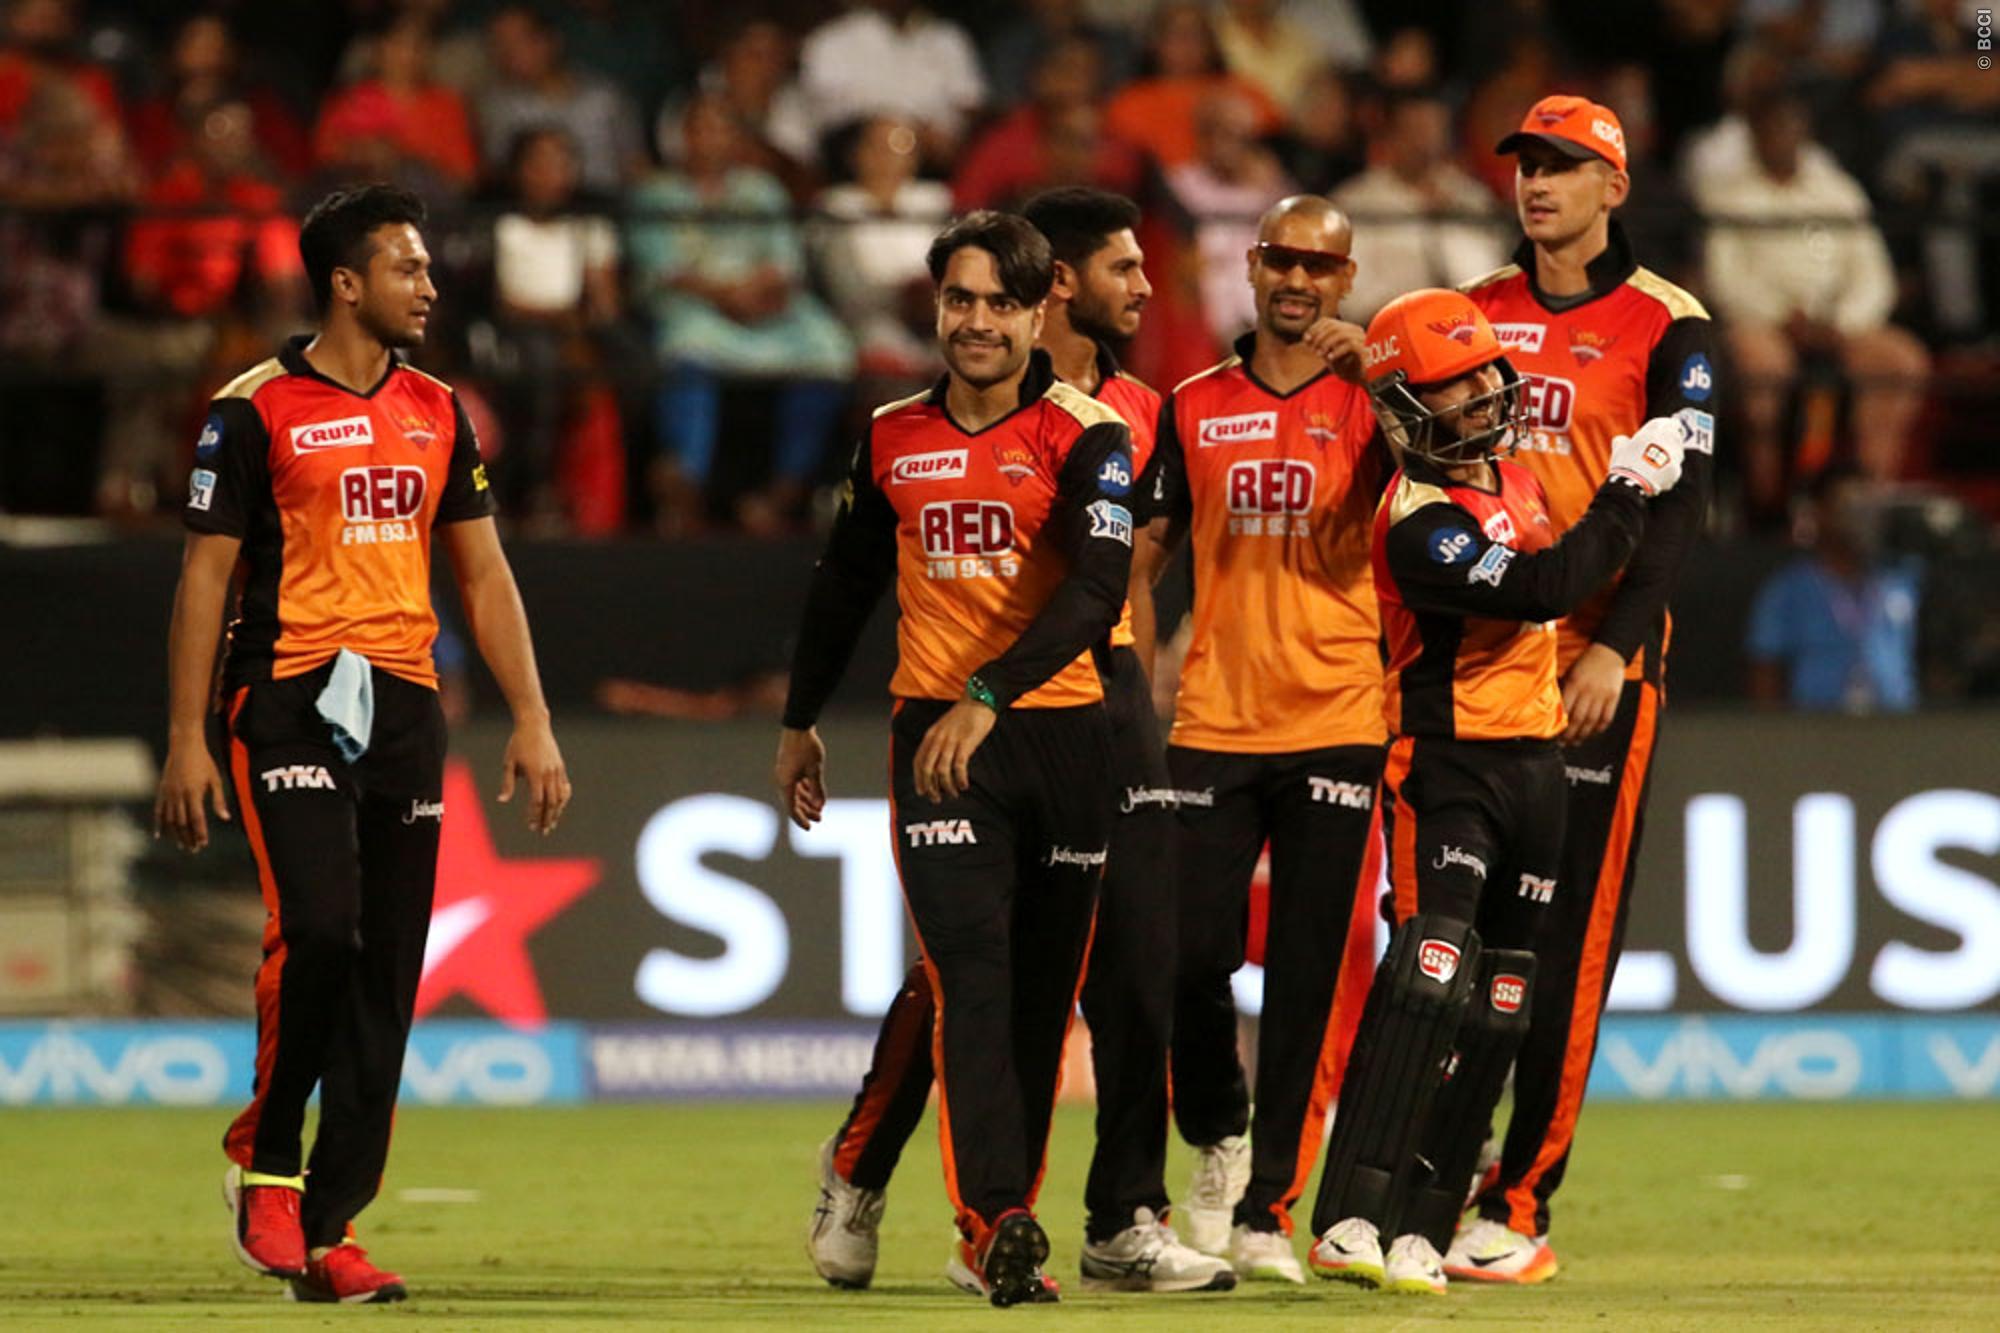 आईपीएल के फाइनल से पहले डेविड वॉर्नर और वाइफ कैंडिस ने दी सनराइजर्स को शुभकामनाएं 1